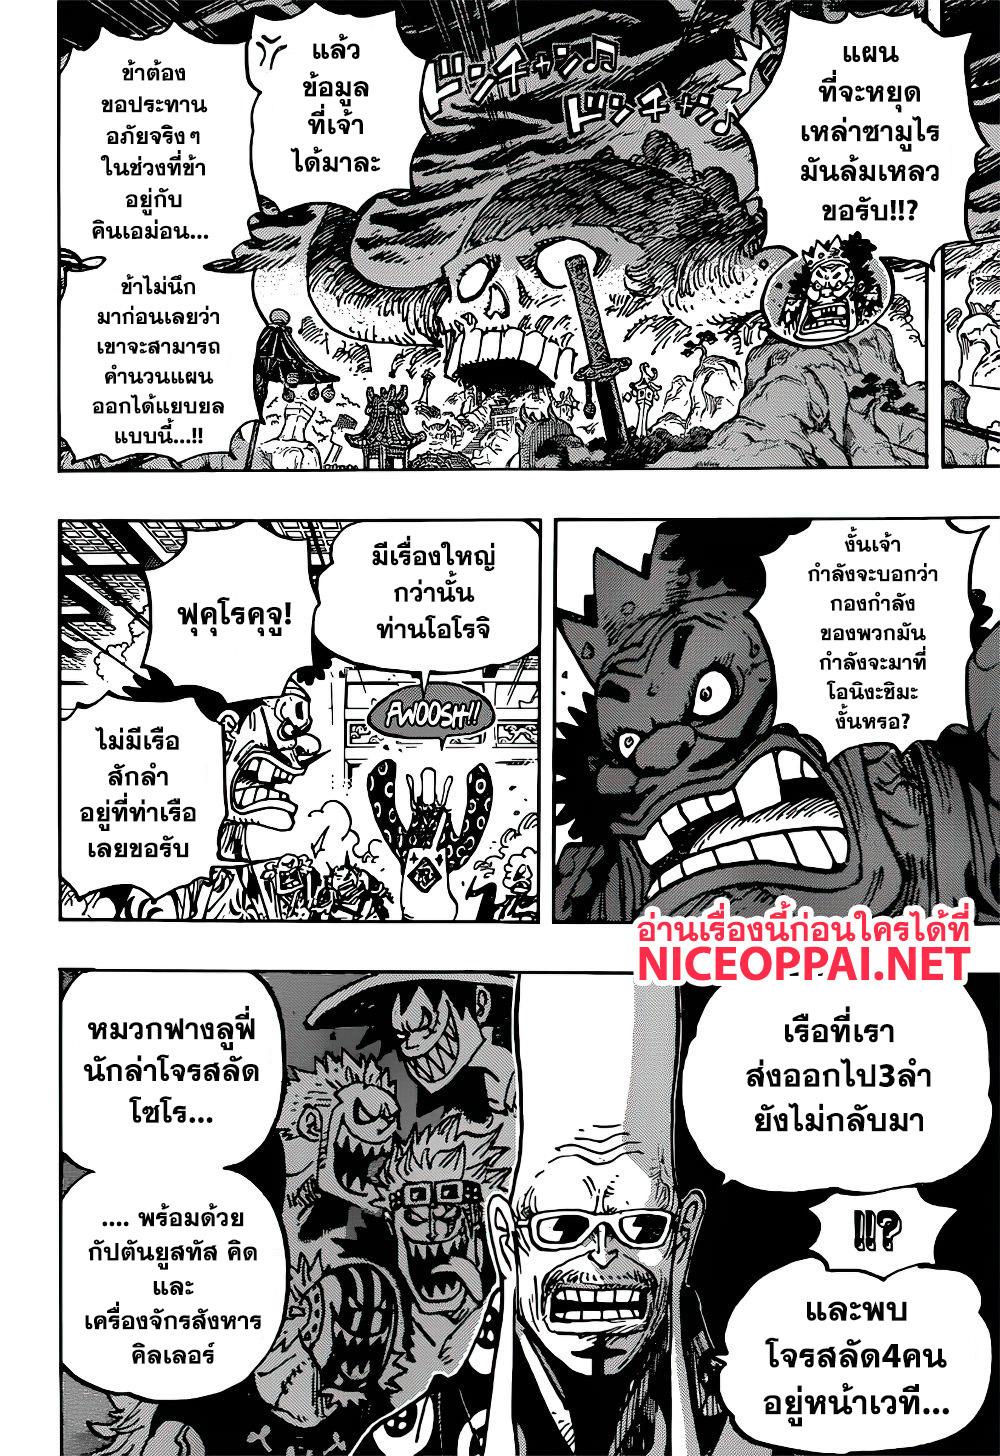 อ่านการ์ตูน One Piece ตอนที่ 982 หน้าที่ 6